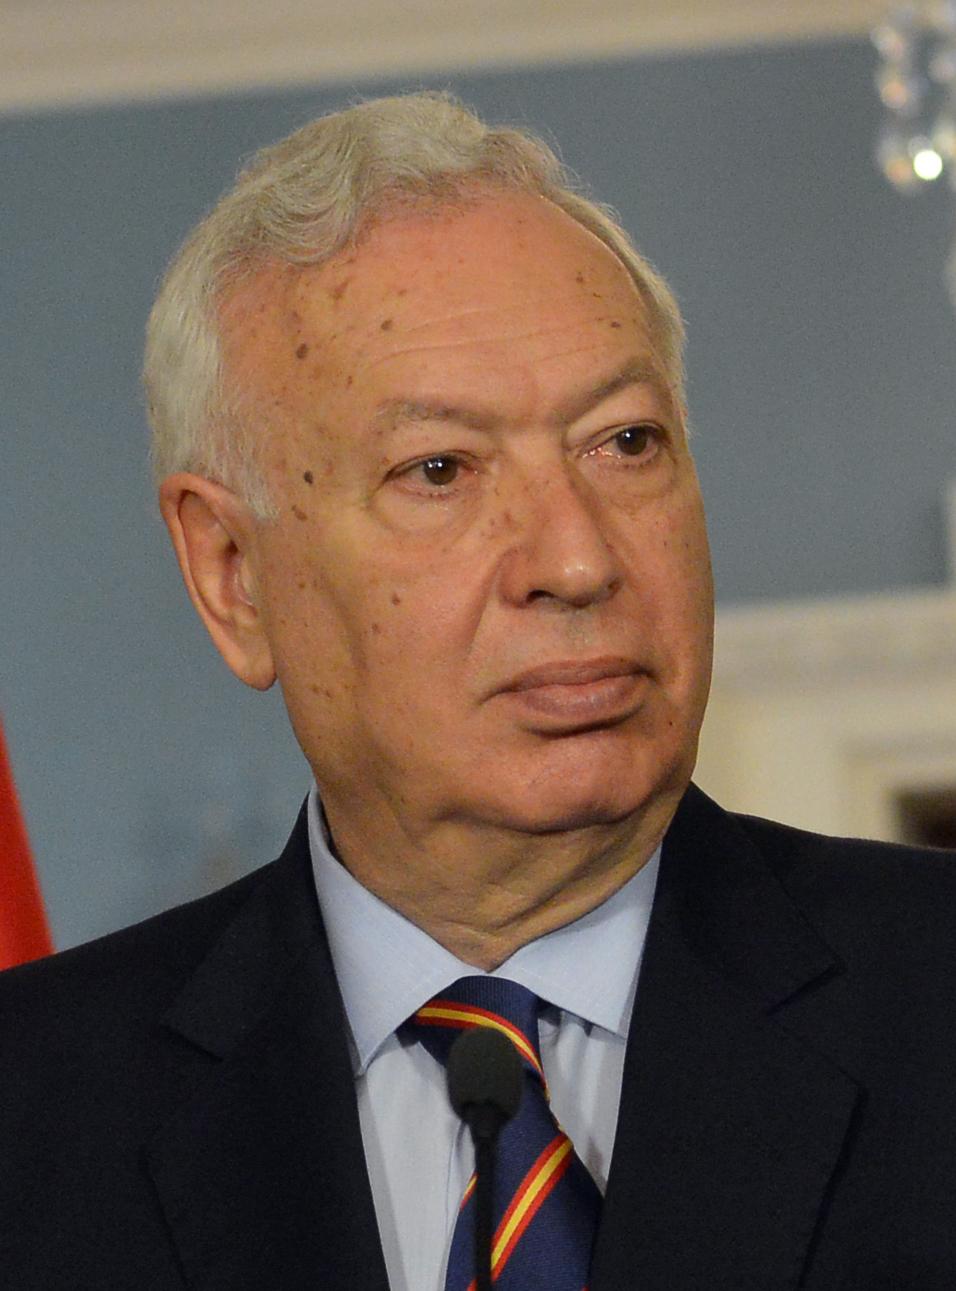 José Manuel García-Margallo - Wikipedia, la enciclopedia libre